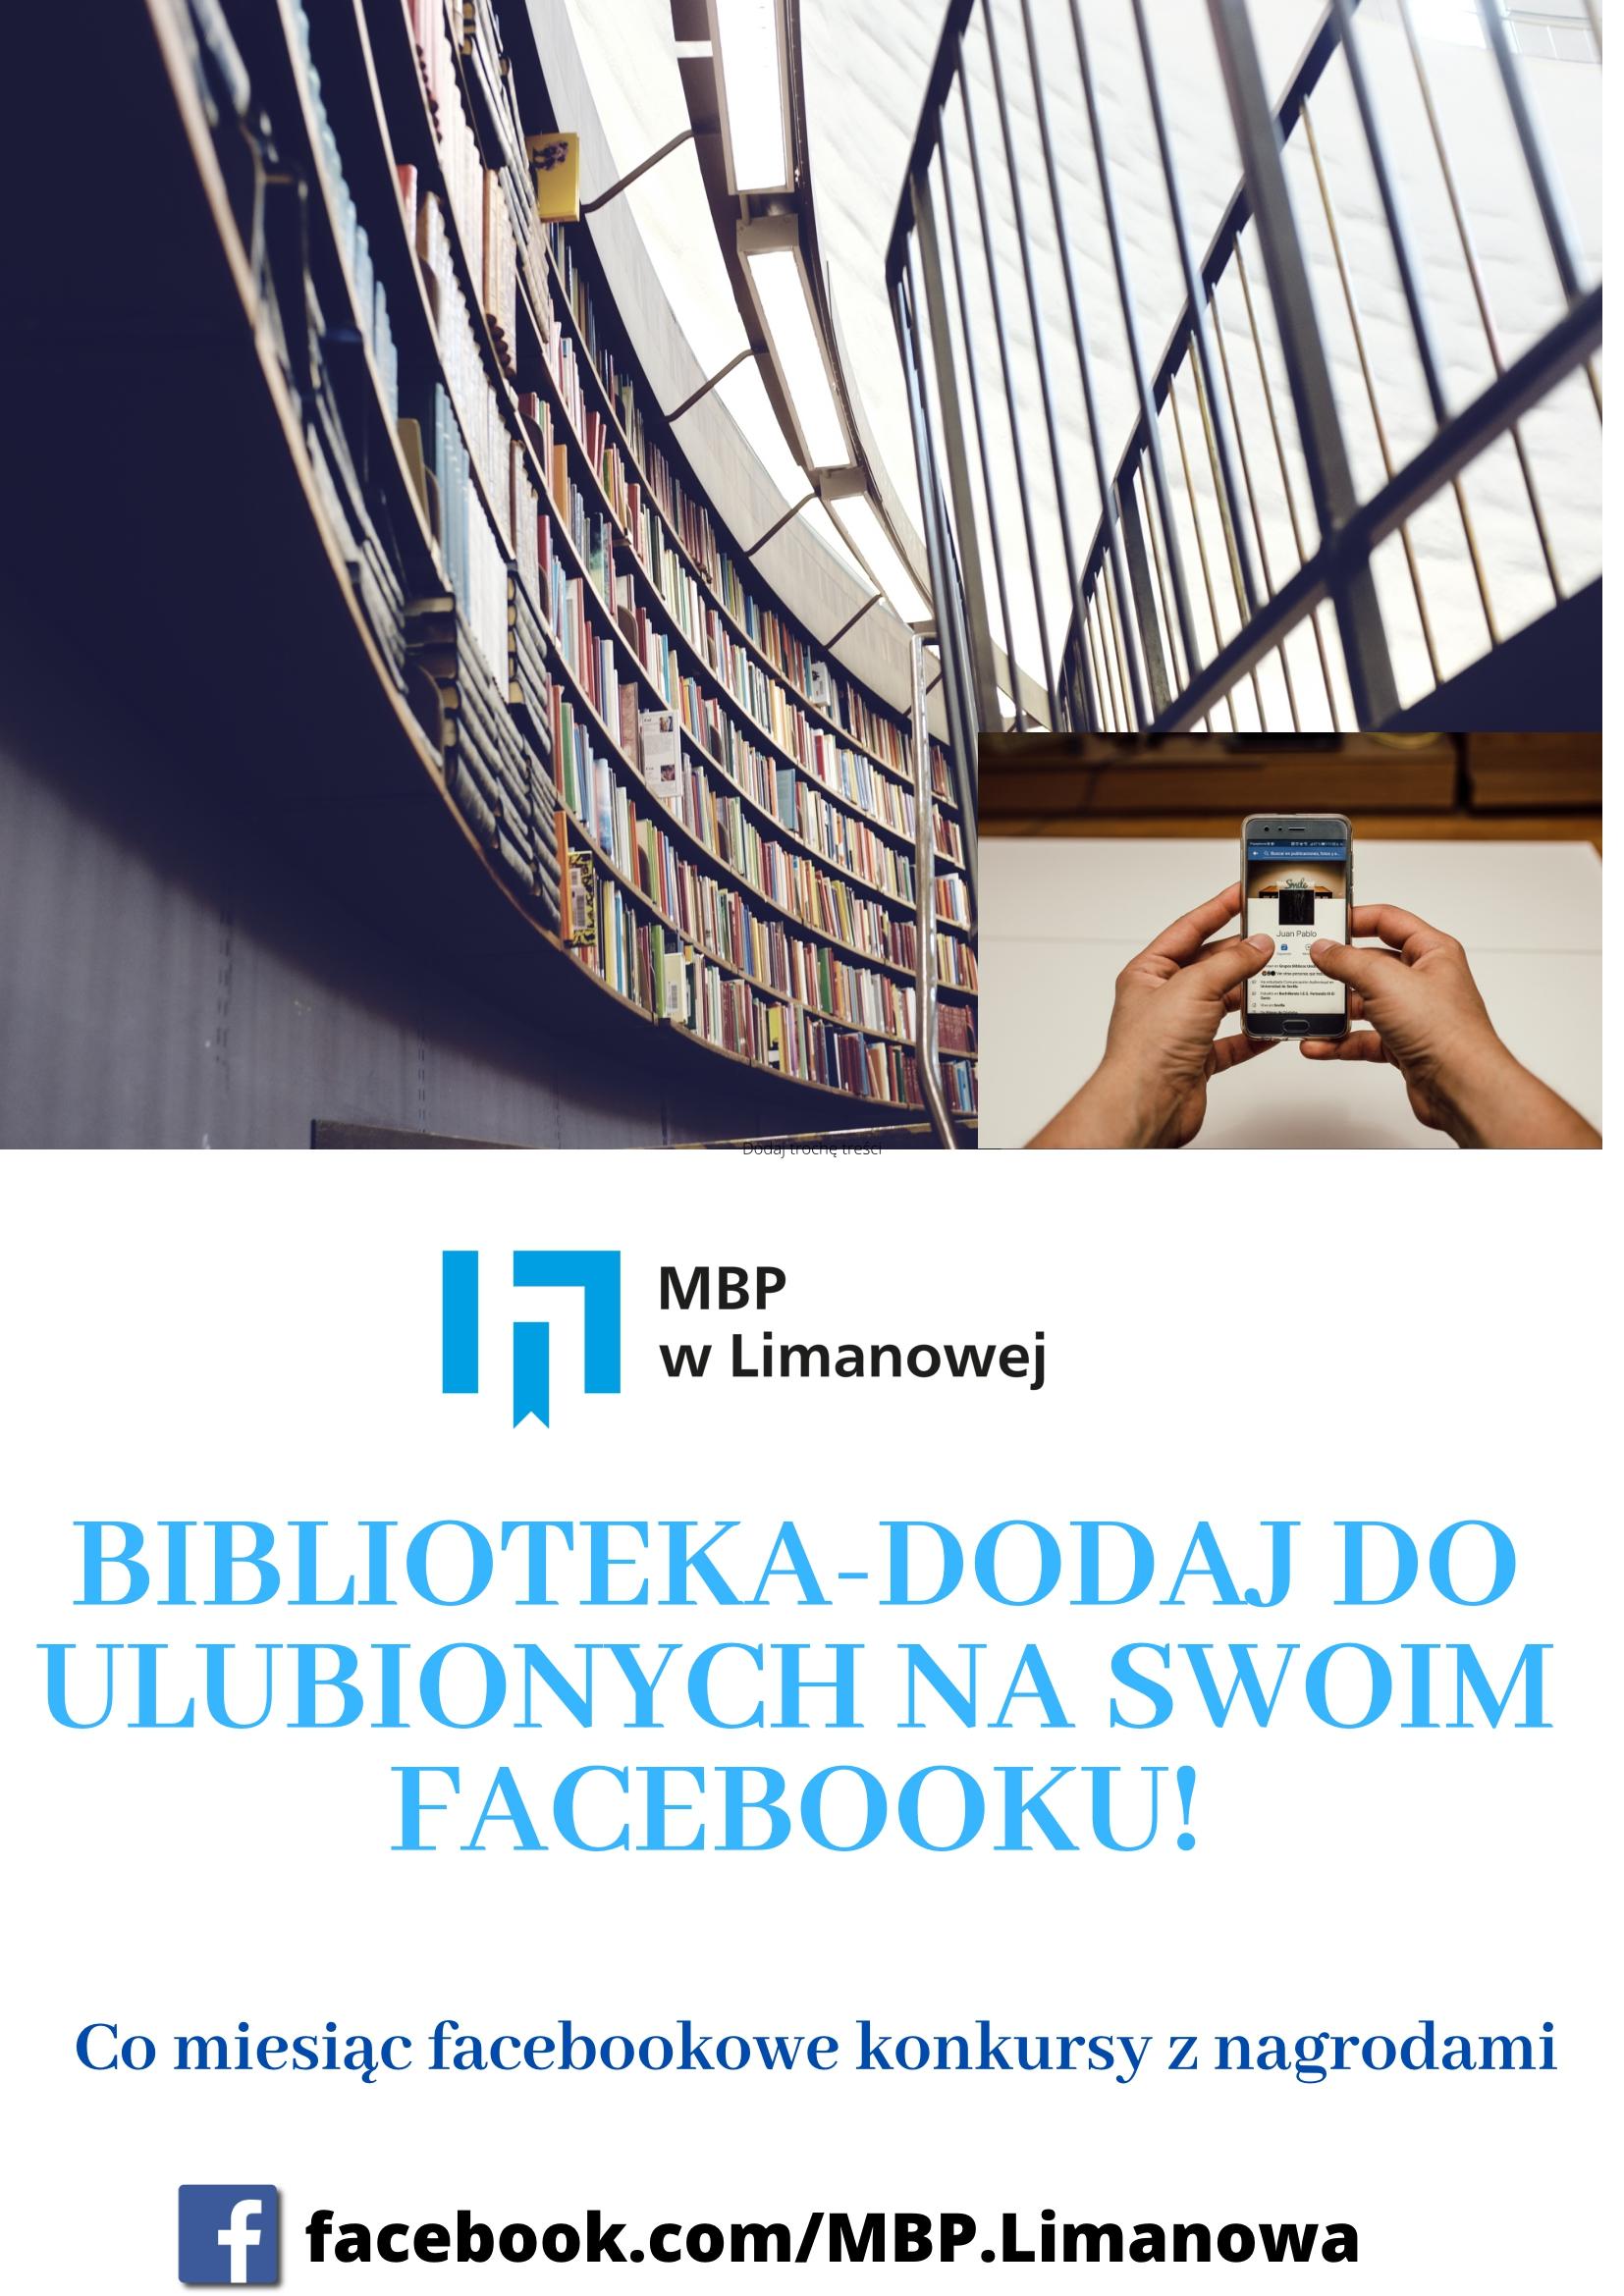 Biblioteka – dodaj do ulubionych na swoim facebooku!